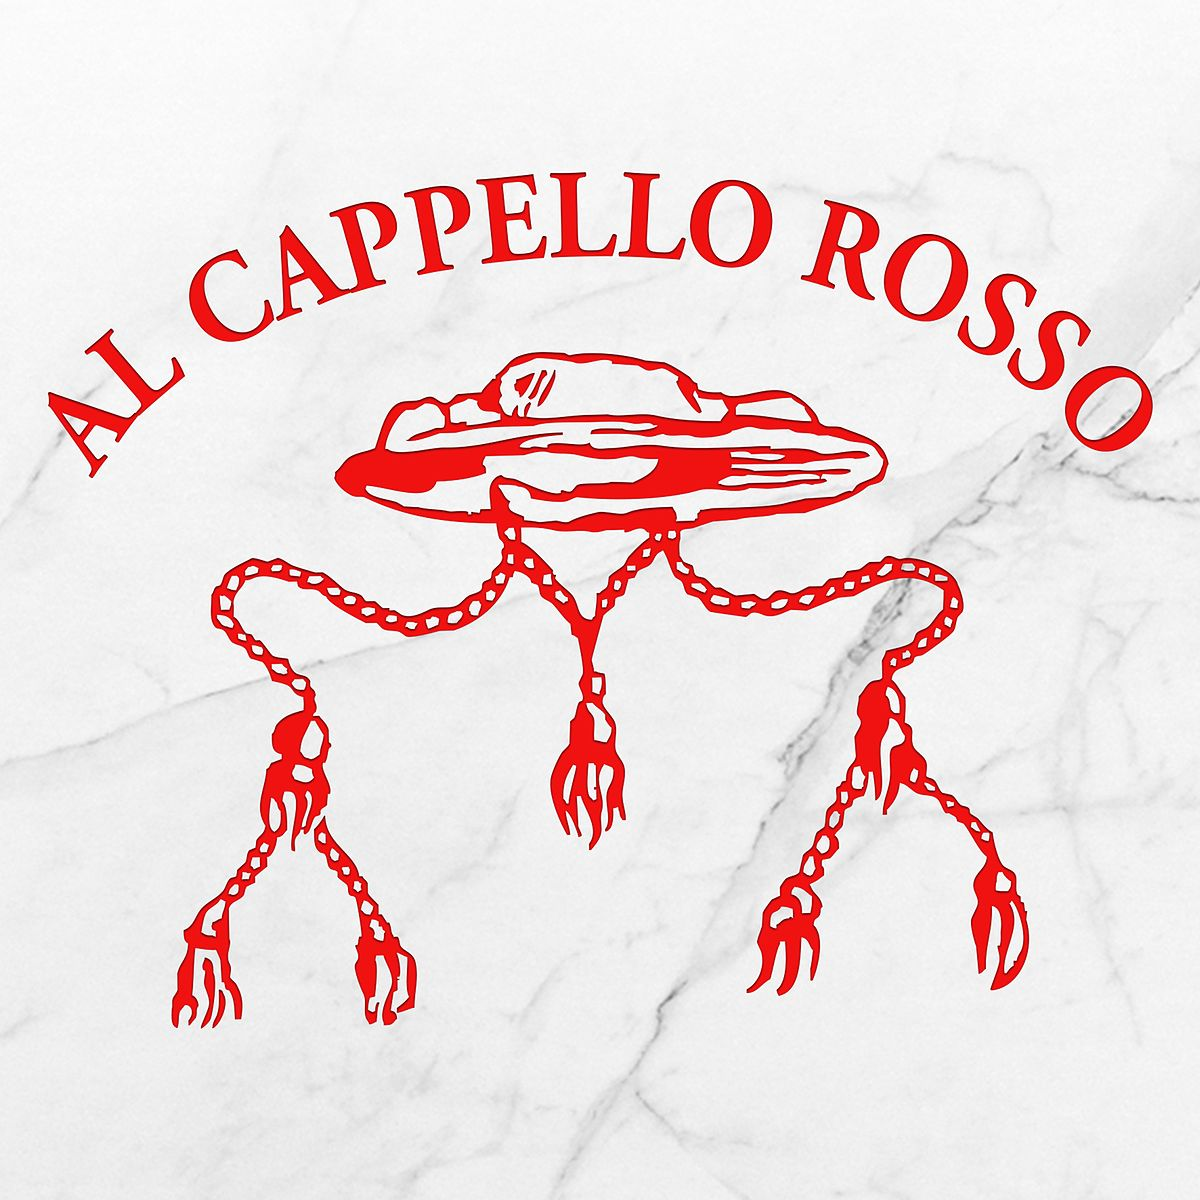 Al cappello rosso wikipedia for Il cappello rosso bologna